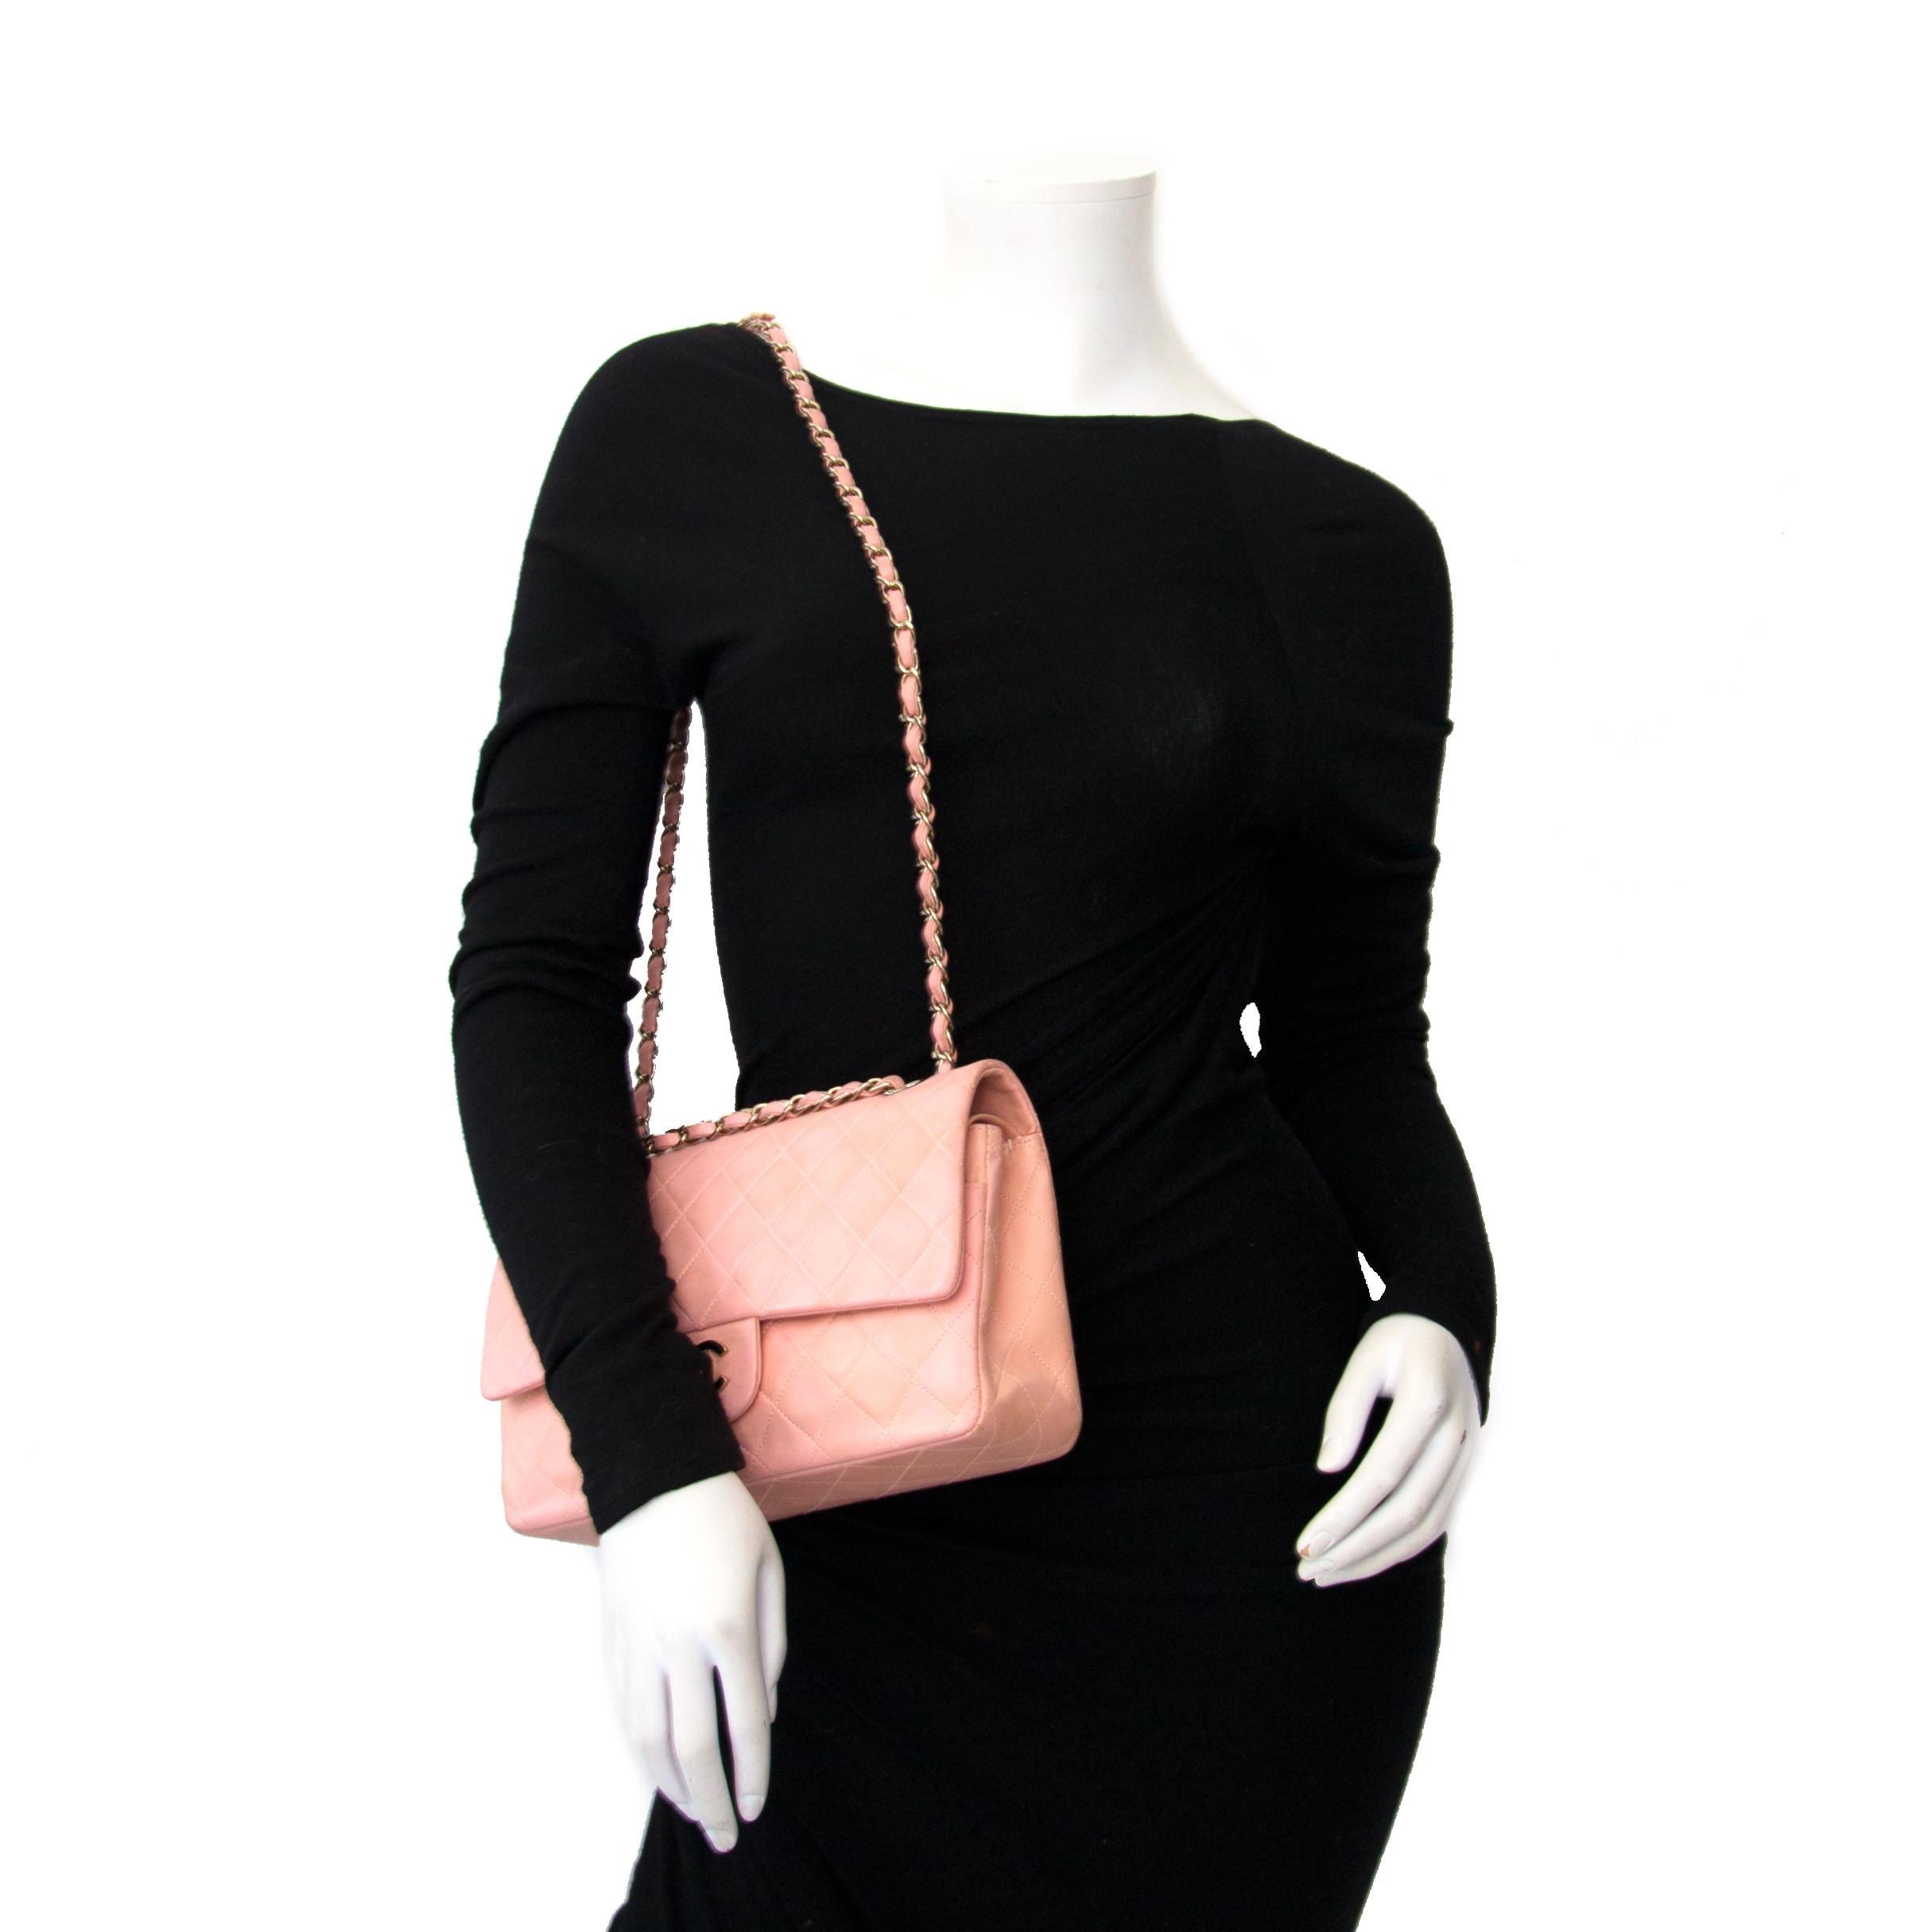 Koop online tweedehands authentieke Chanel handtas bij labellov, Antwerpen.